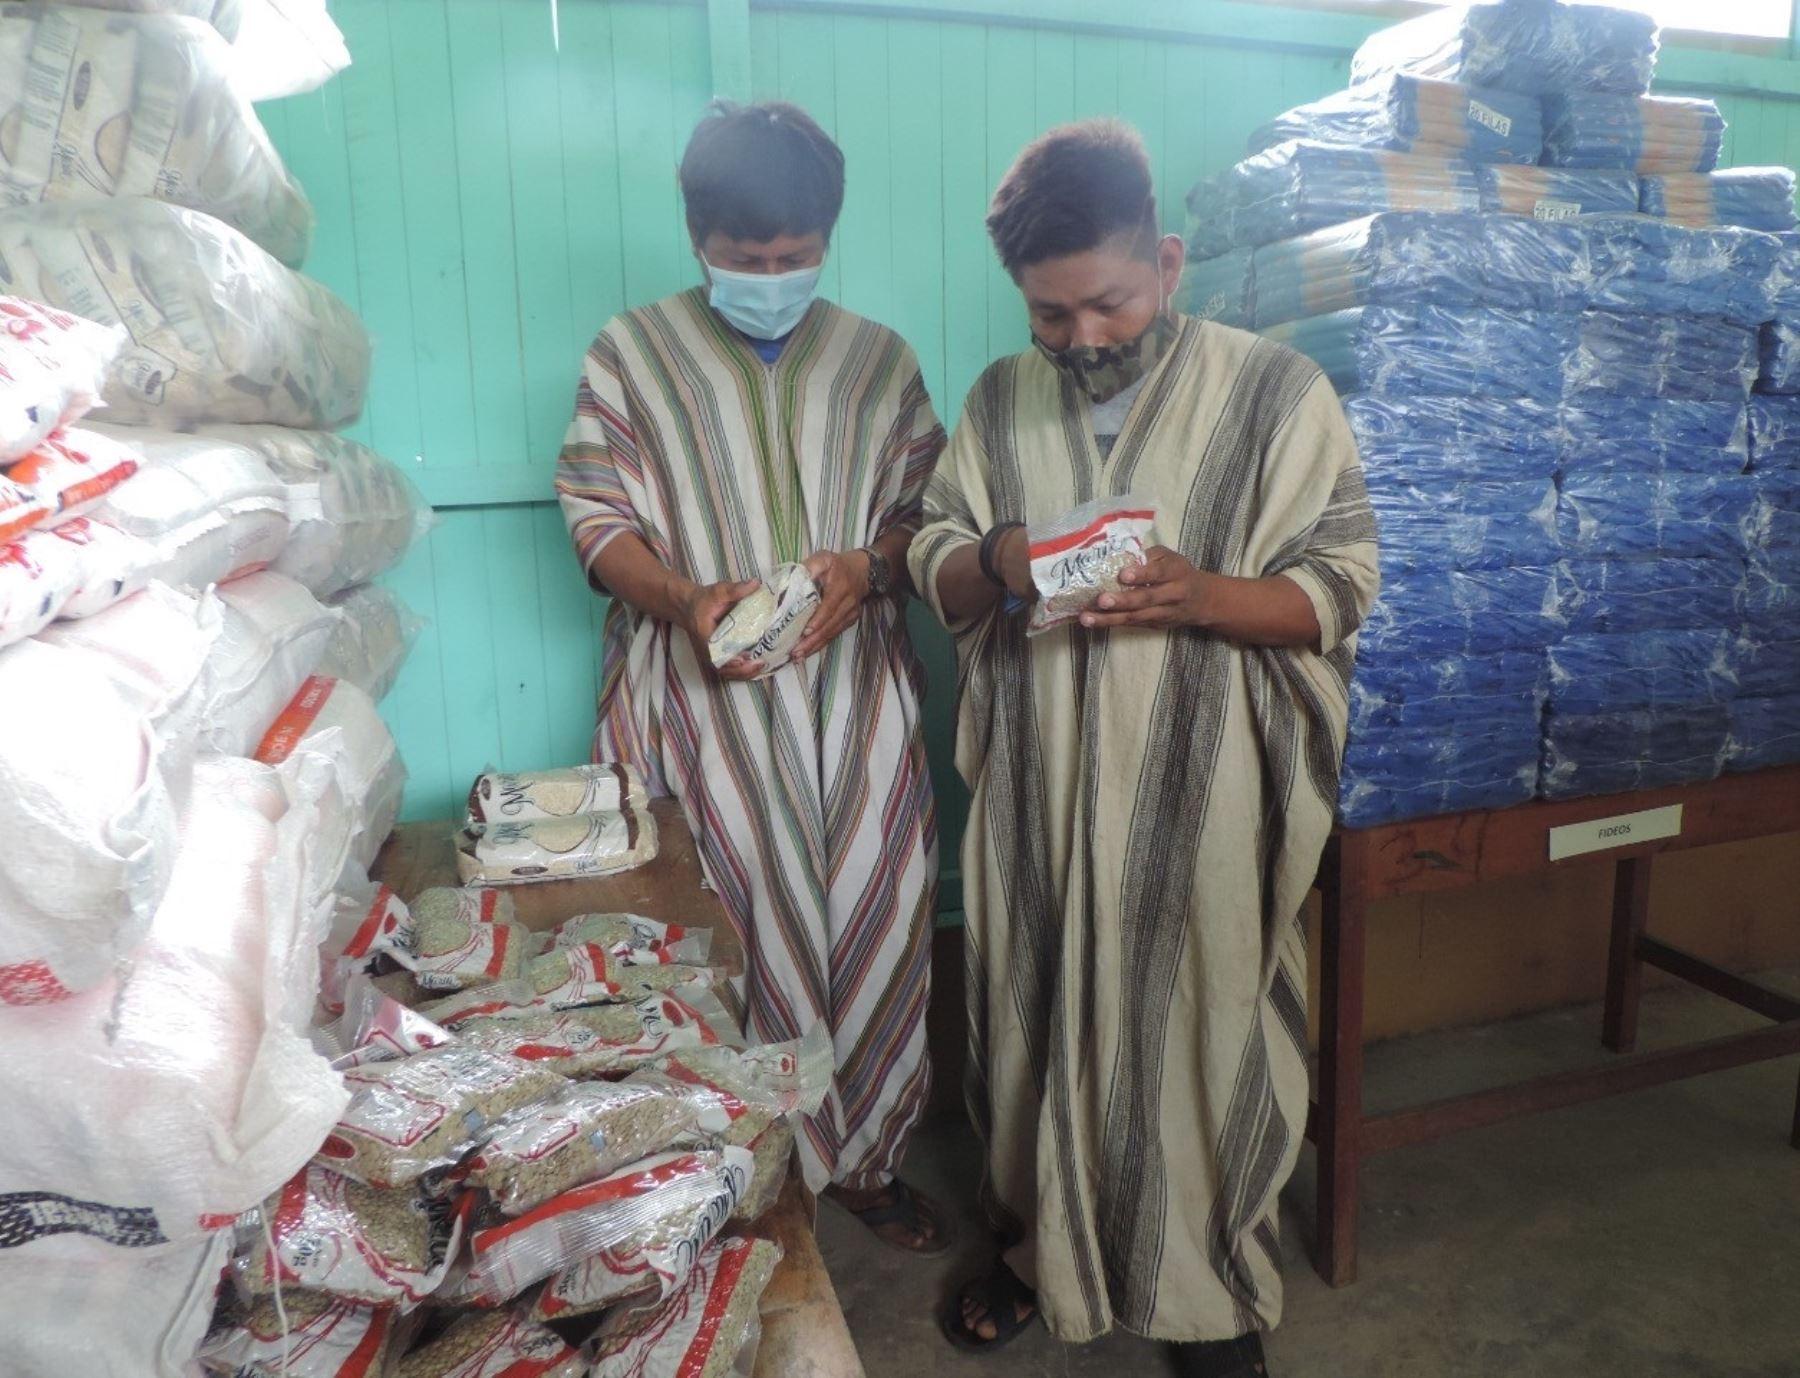 qali-warma-distribuye-alimentos-nutritivos-en-68-comunidades-indigenas-del-vraem